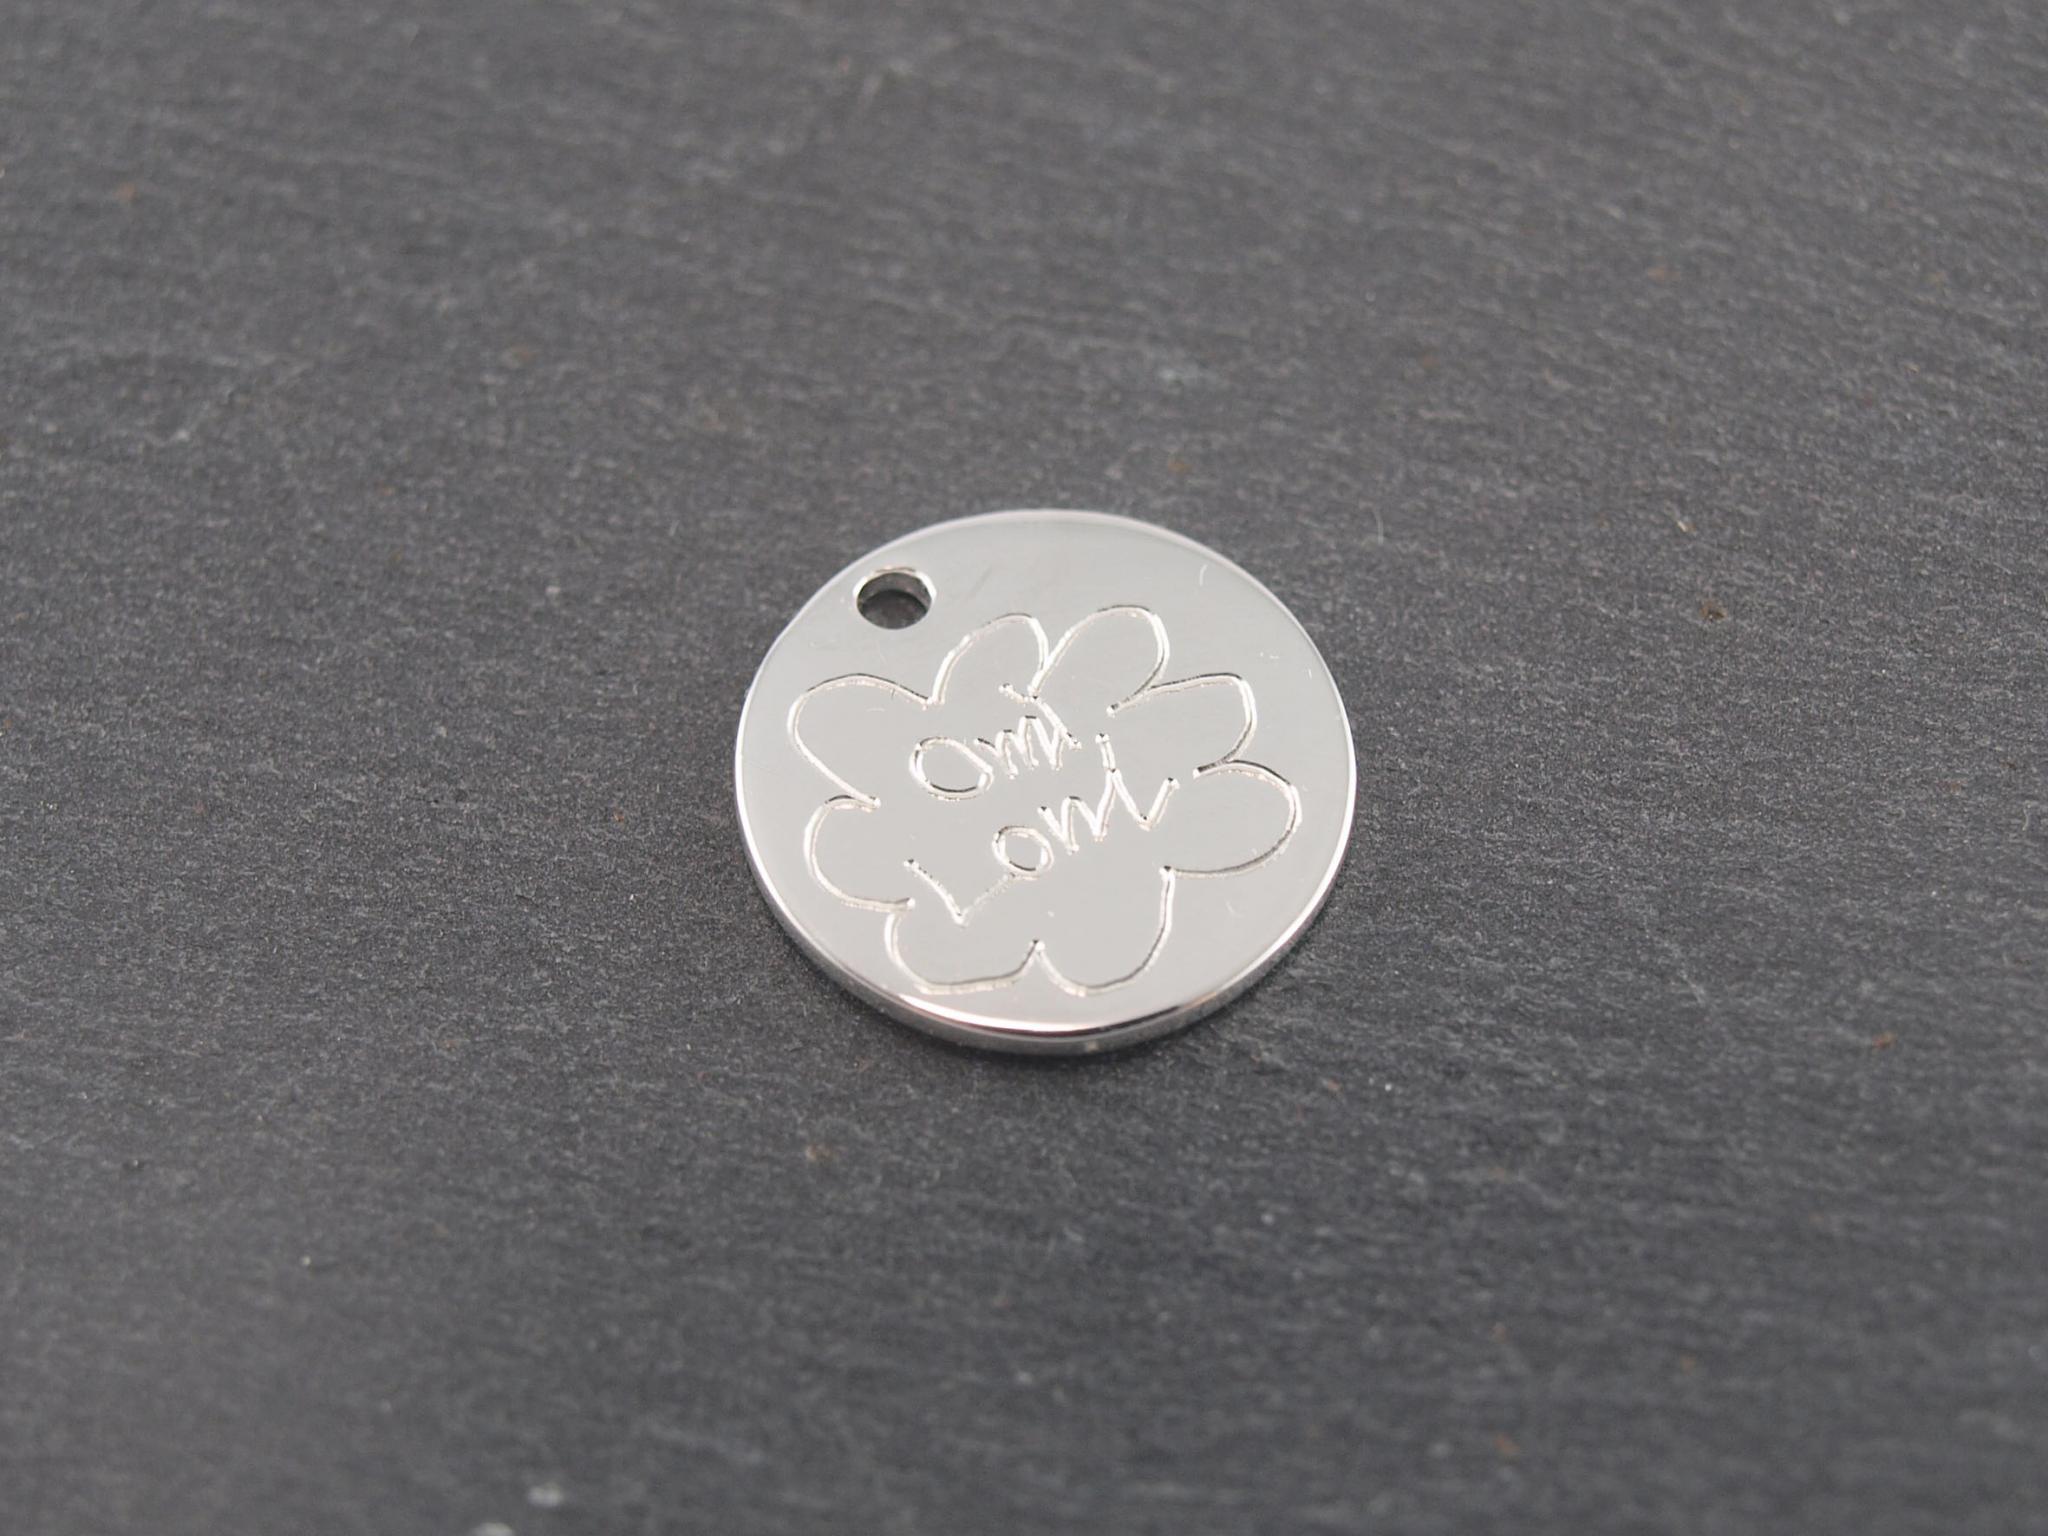 Gravuranhänger aus Silber mit Wunsch Gravur rund 16 mm (2)